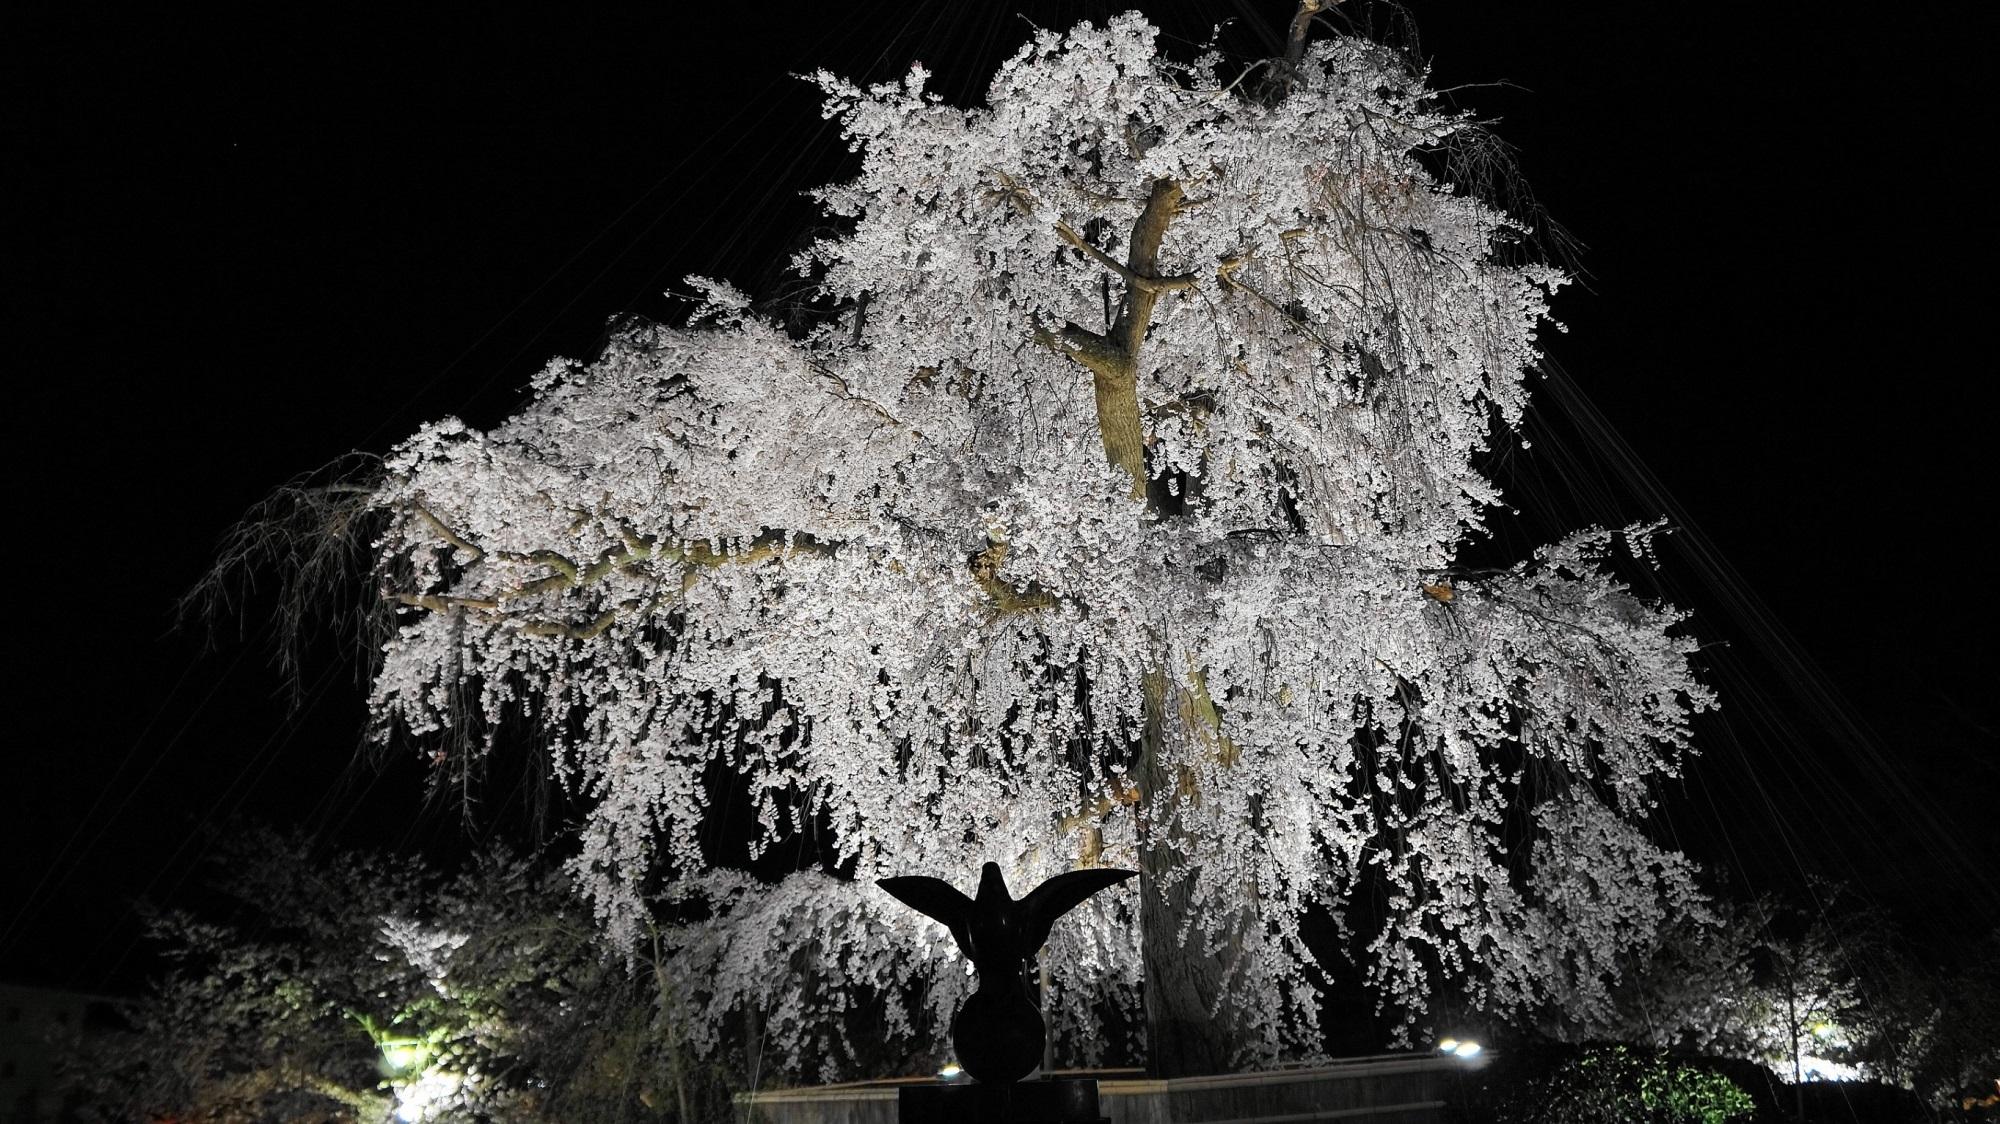 円山公園 祇園枝垂桜 ライトアップ 京都の夜空を照らす迫力の桜